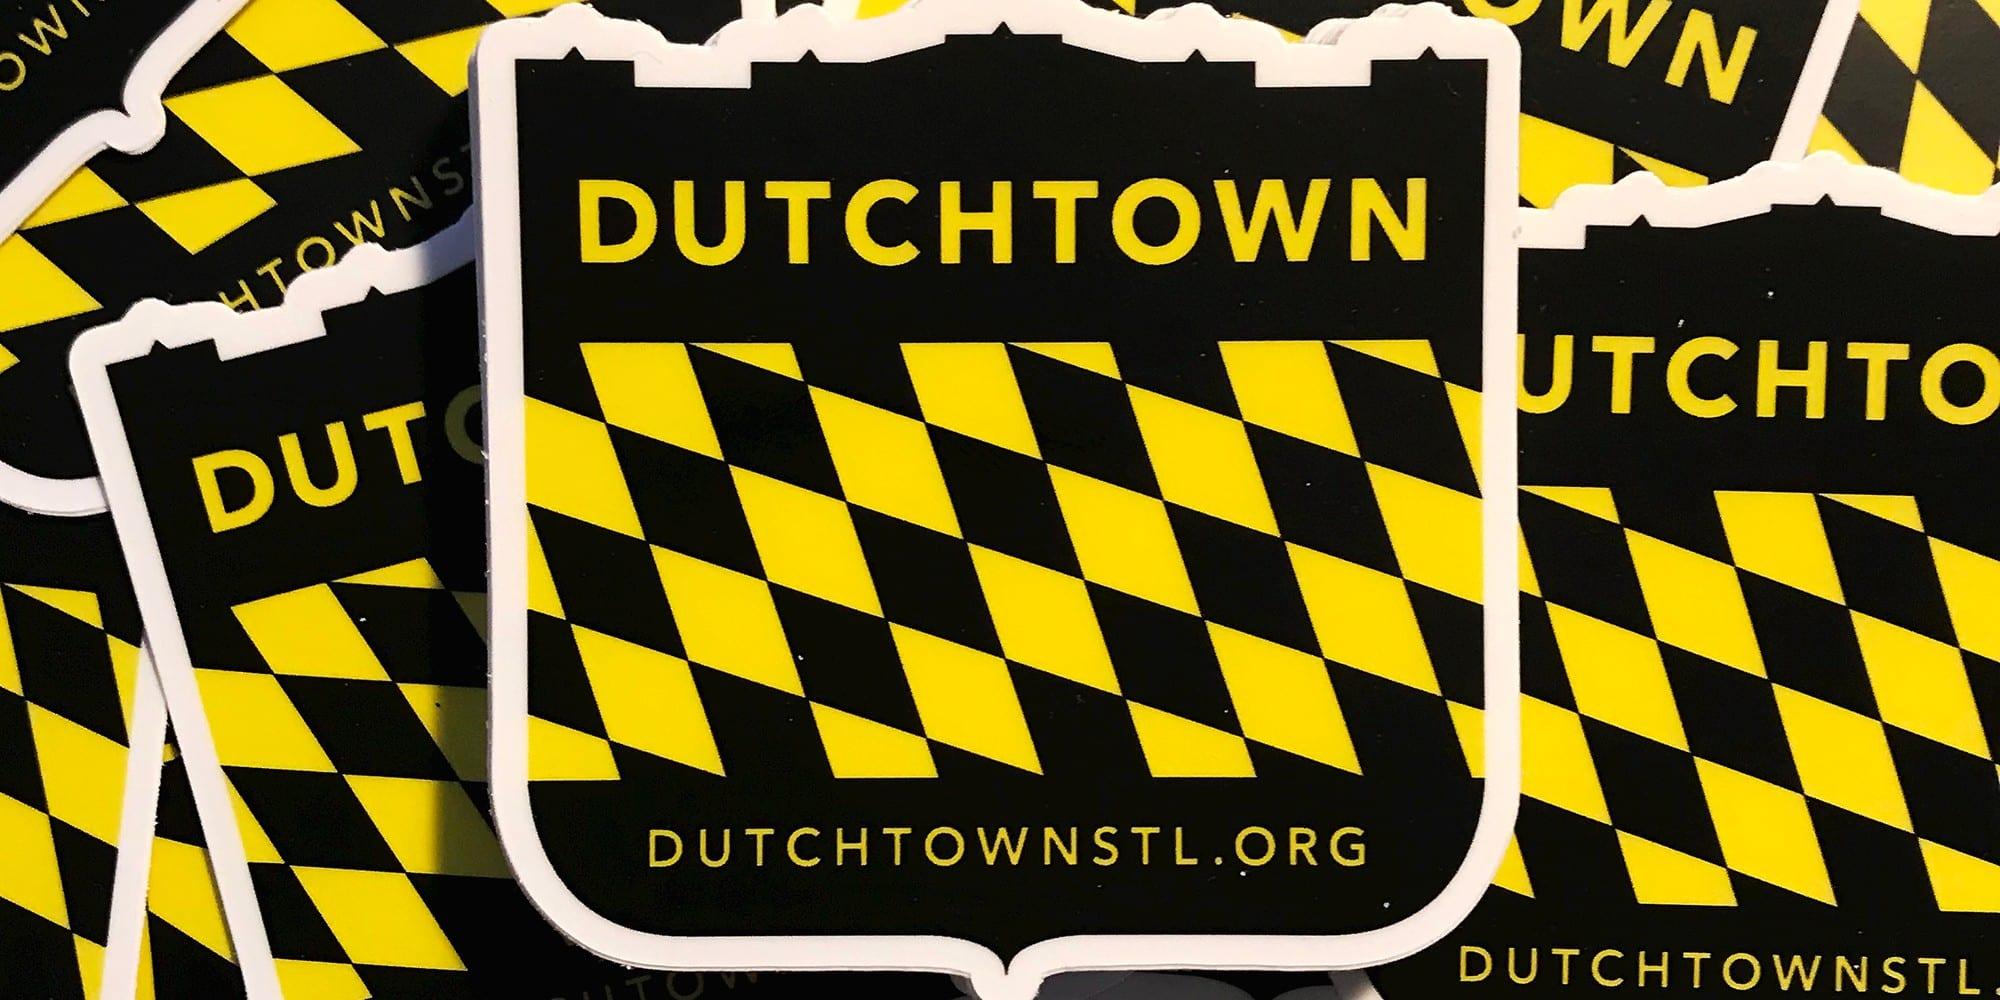 DutchtownSTL.org stickers.